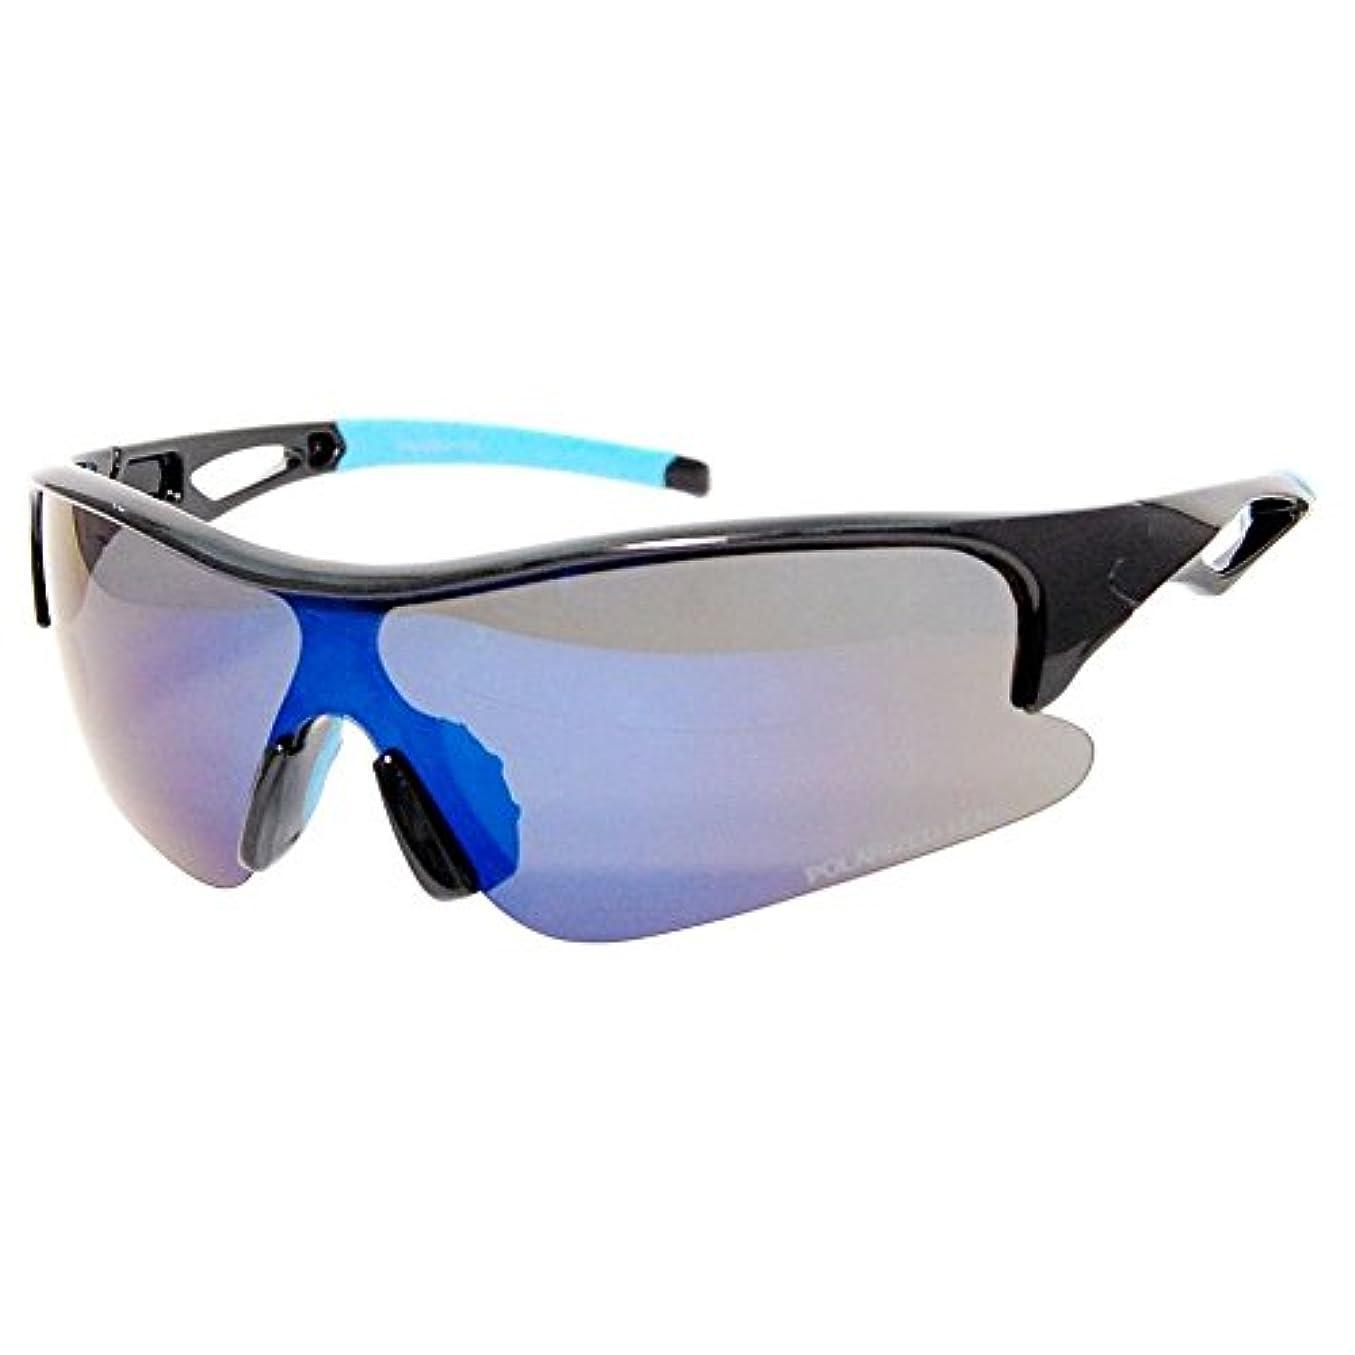 たまに魅力クスコSEAGULL(シーガル) スポーツサングラス 偏光レンズ SGB-4056-01 UV99%カット 衝撃に強いポリカーボネート製フレーム&レンズ採用 SGB-4056-01